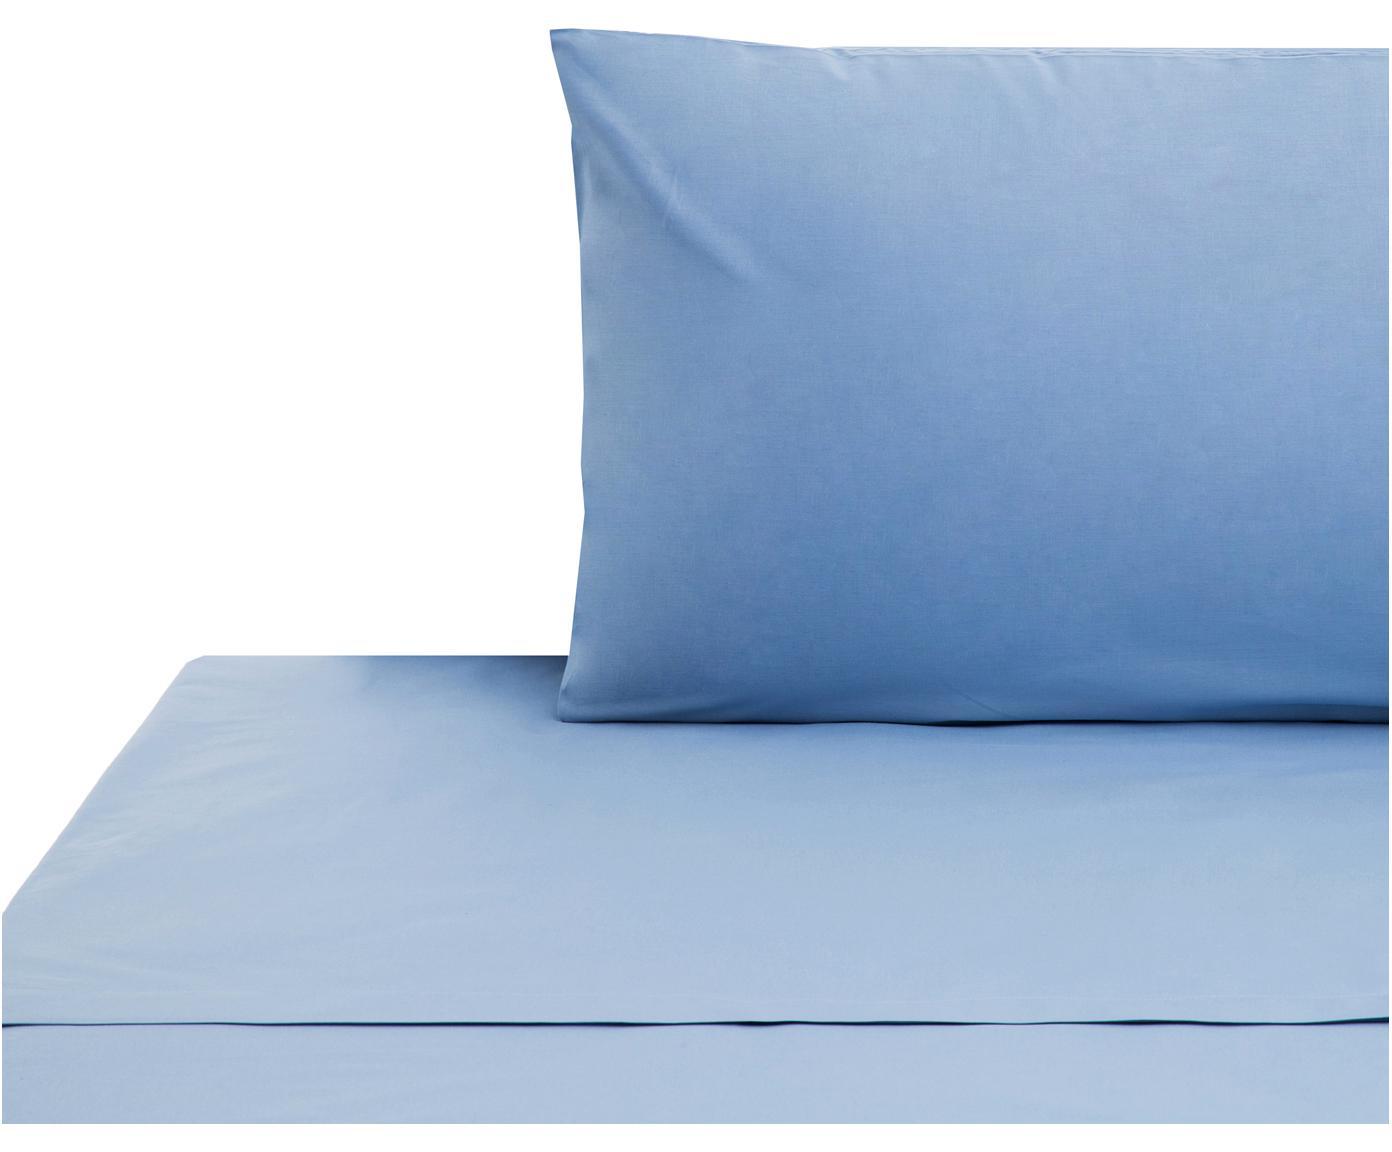 Set lenzuola in cotone ranforce Lenare 2 pz, Tessuto: Renforcé, Fronte e retro: azzurro, 150 x 290 cm